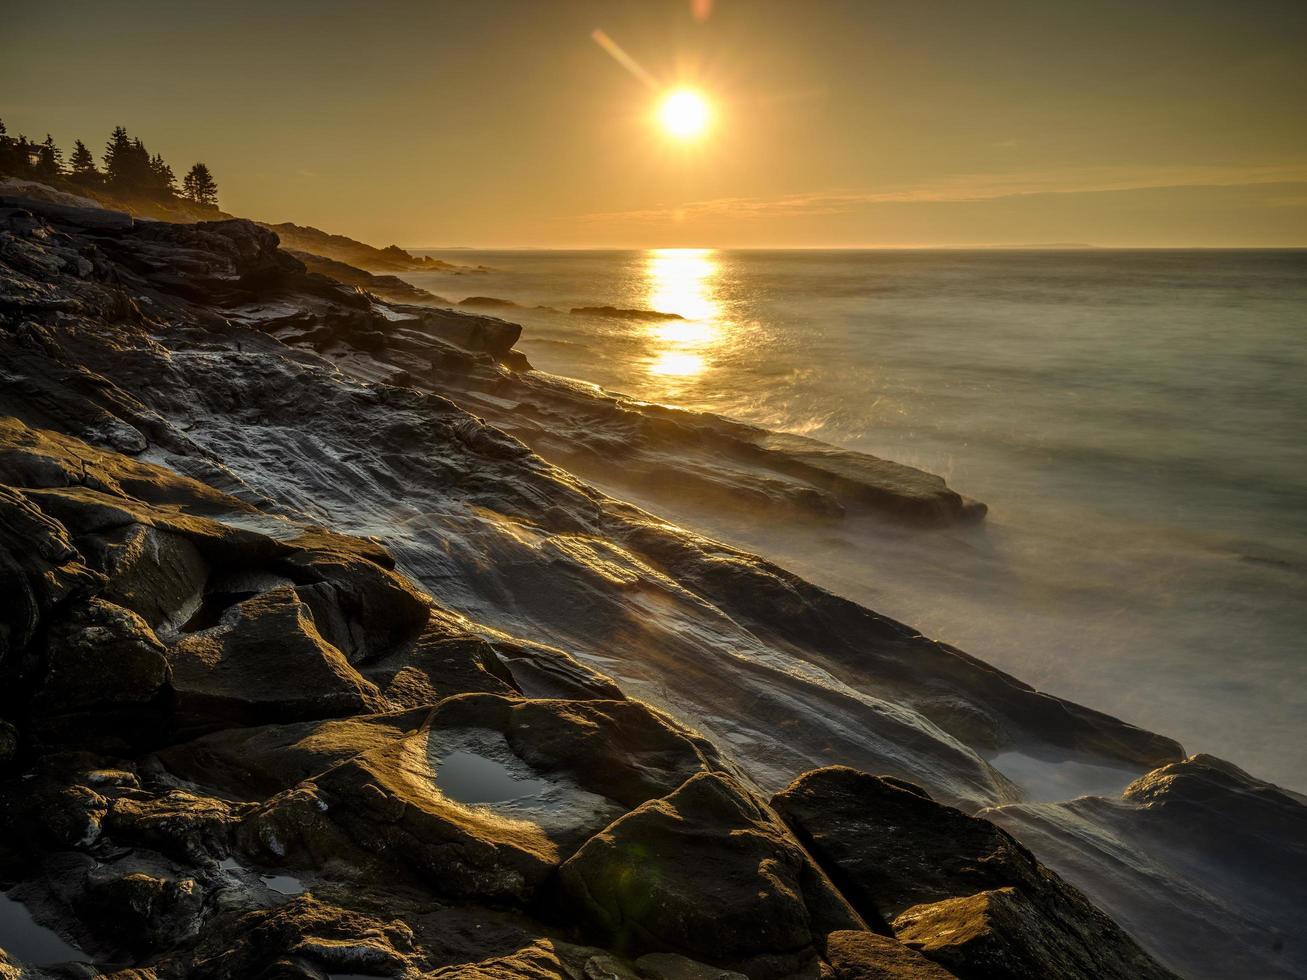 lunga esposizione delle onde dell'oceano sulla spiaggia rocciosa foto